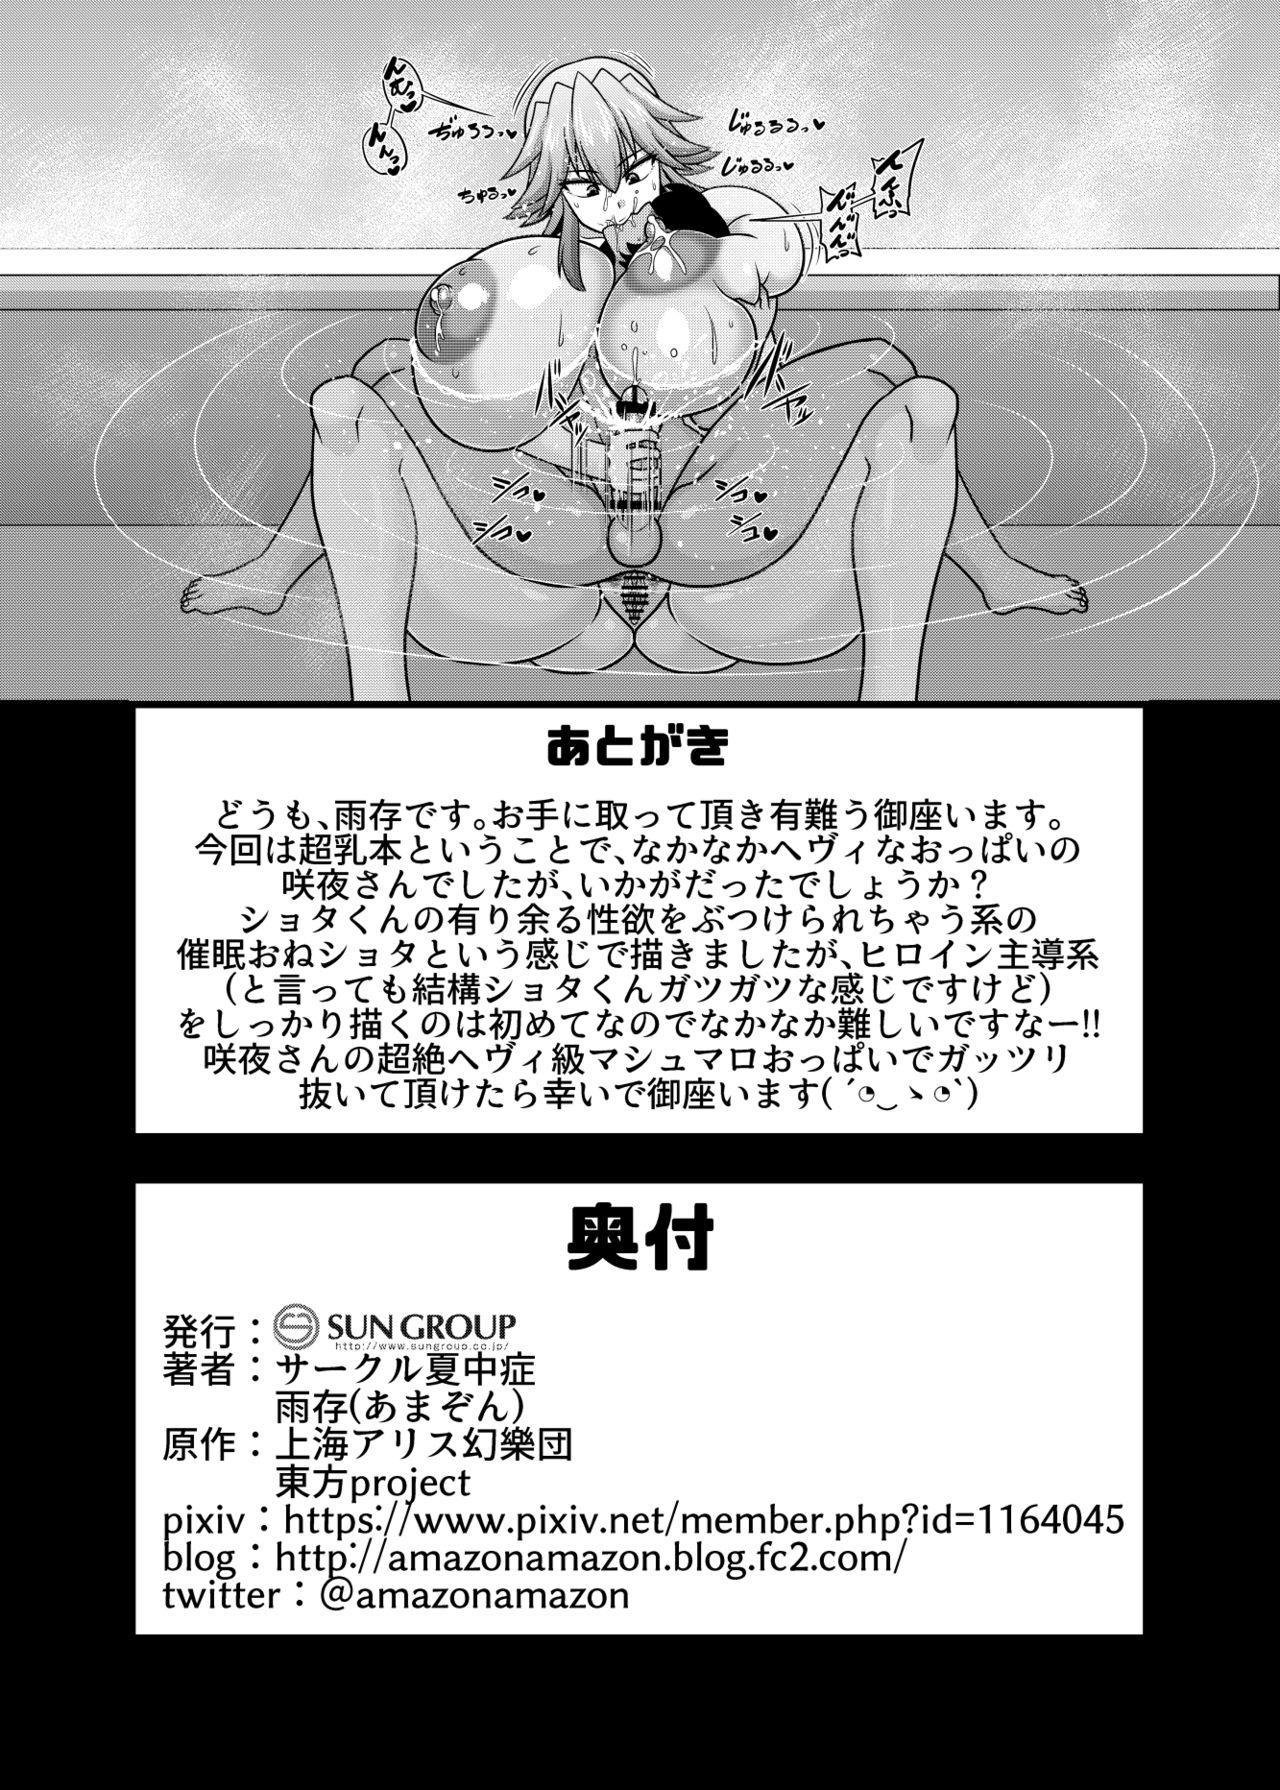 Sakuya-san no Oppai ga Susamajiku Ookikatta no de Saiminjutsu o Tsukatte Totemo Nakayoku Natta Hanashi 18